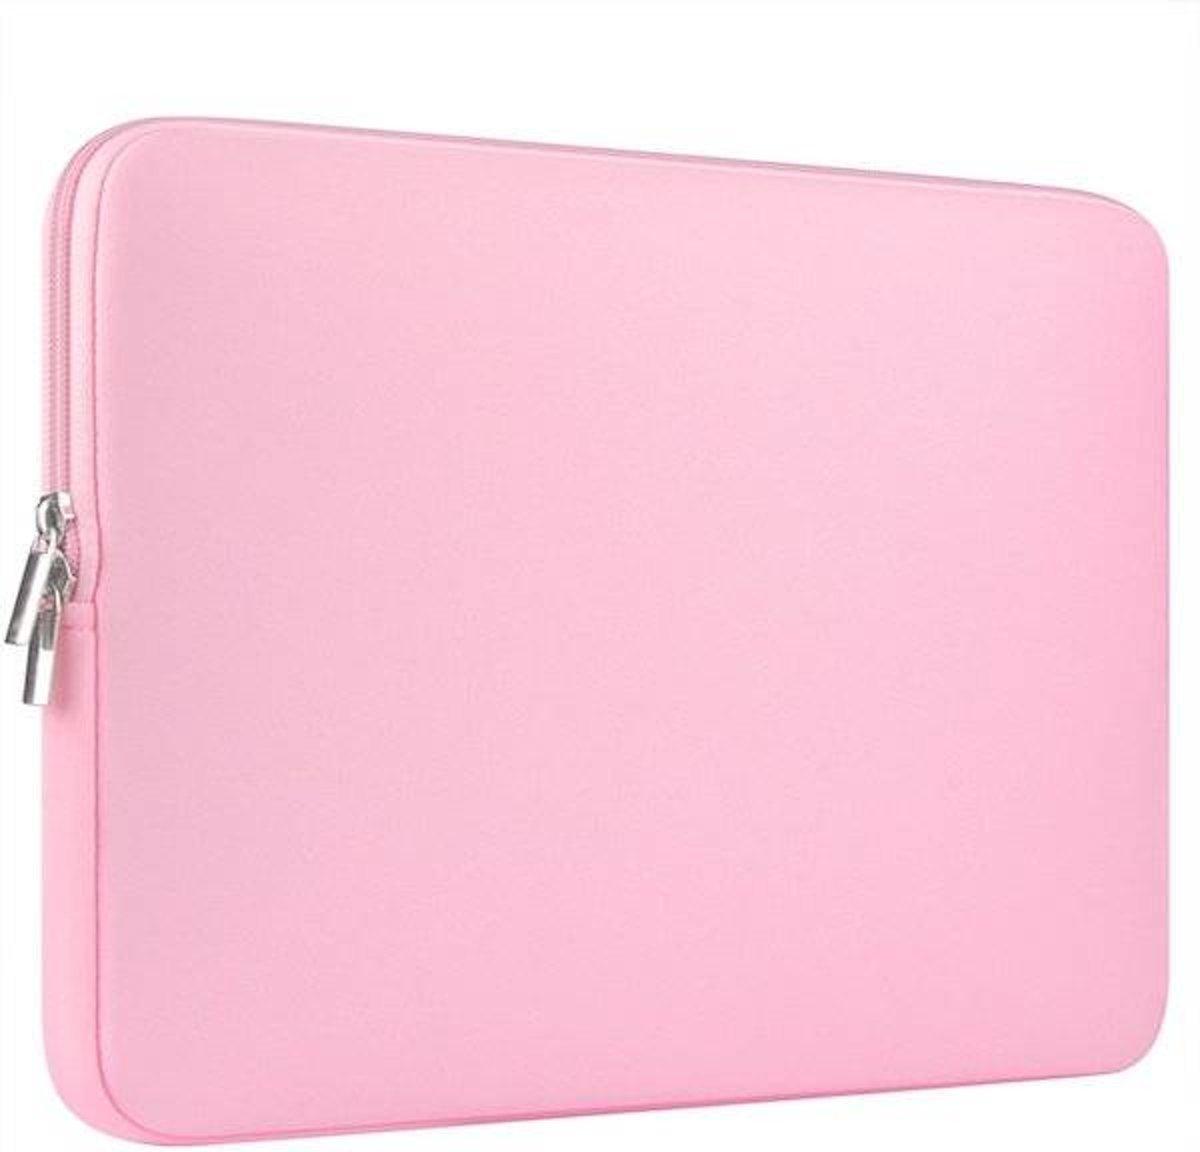 Lenovo 100e hoes - Neoprene Laptop Sleeve - 11.6 inch - Roze kopen